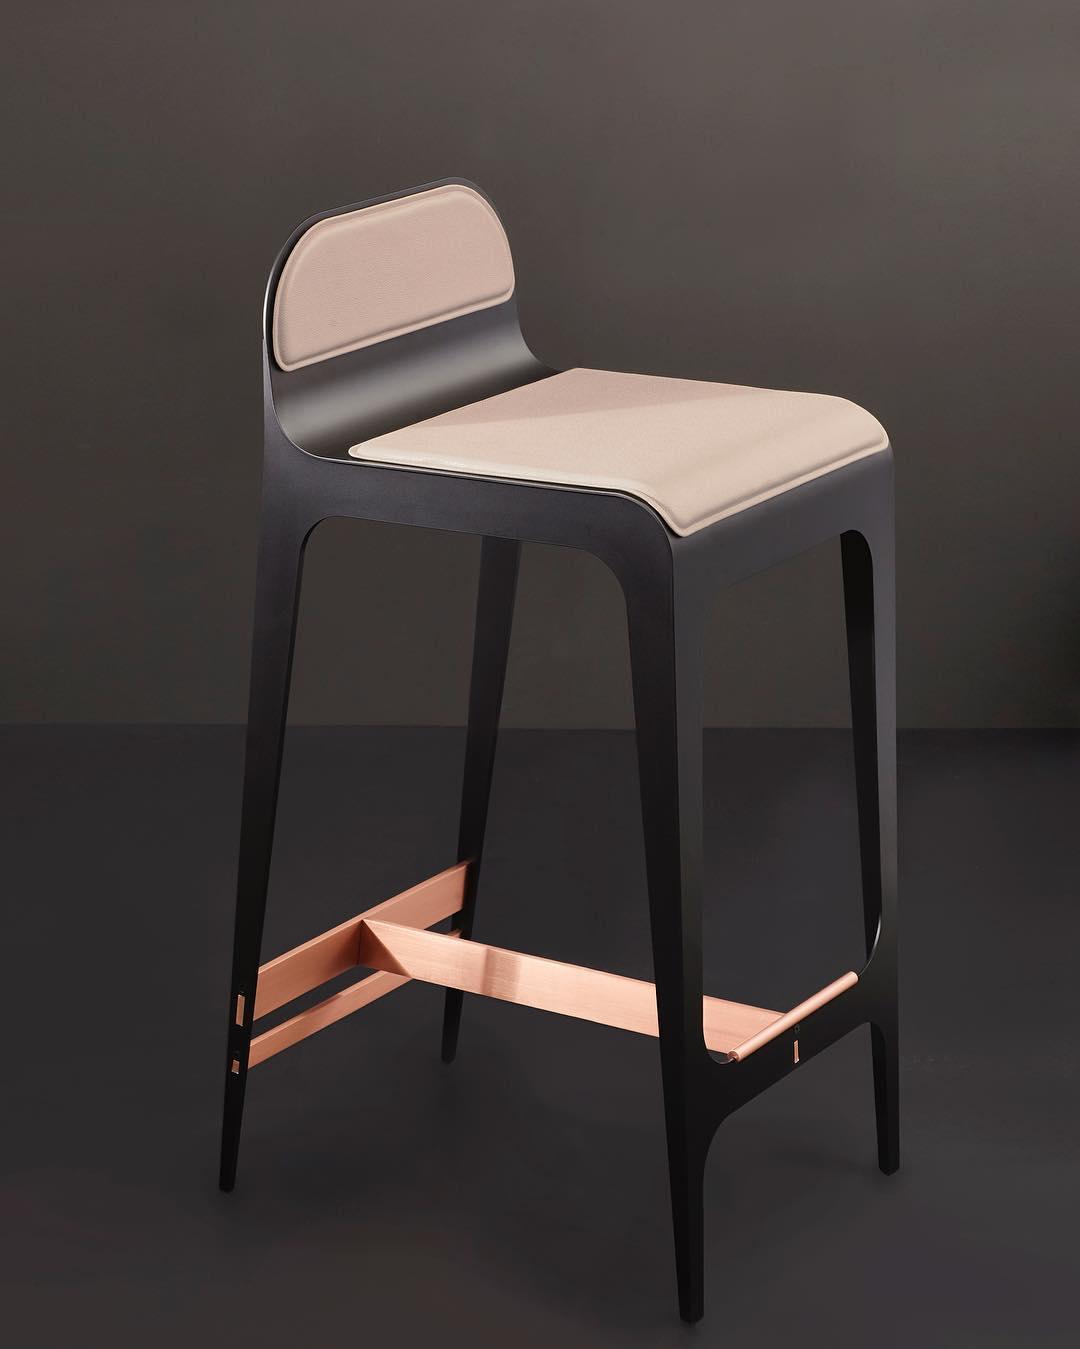 Gabriel Scott's Bardot stool